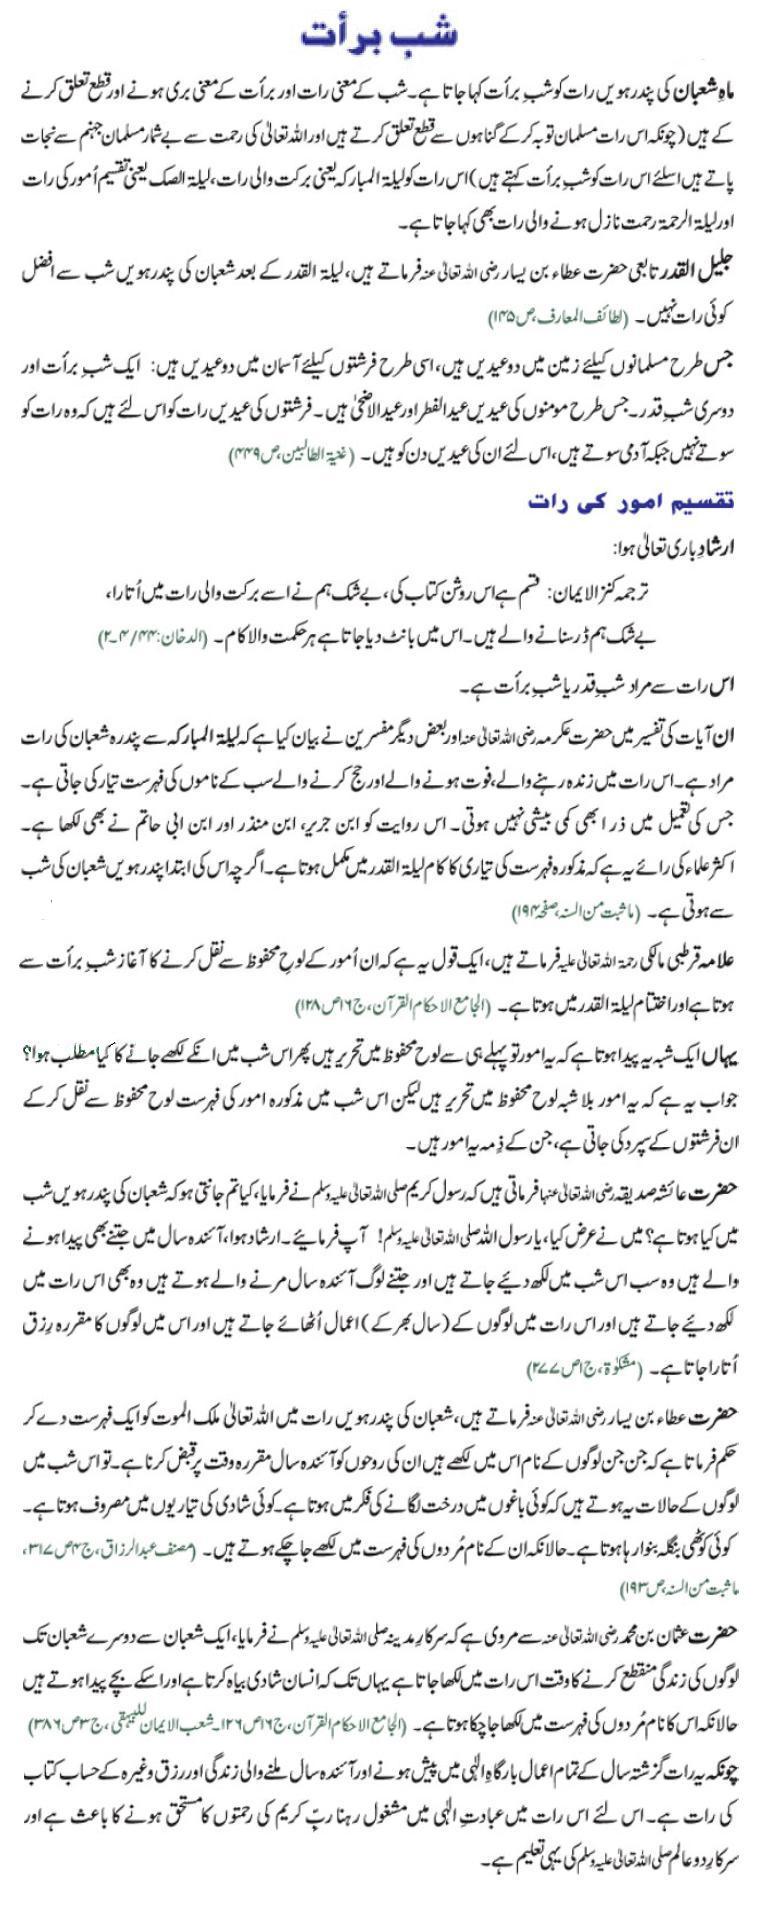 Shab E Barat Hadees Ki Roshni Main In Urdu